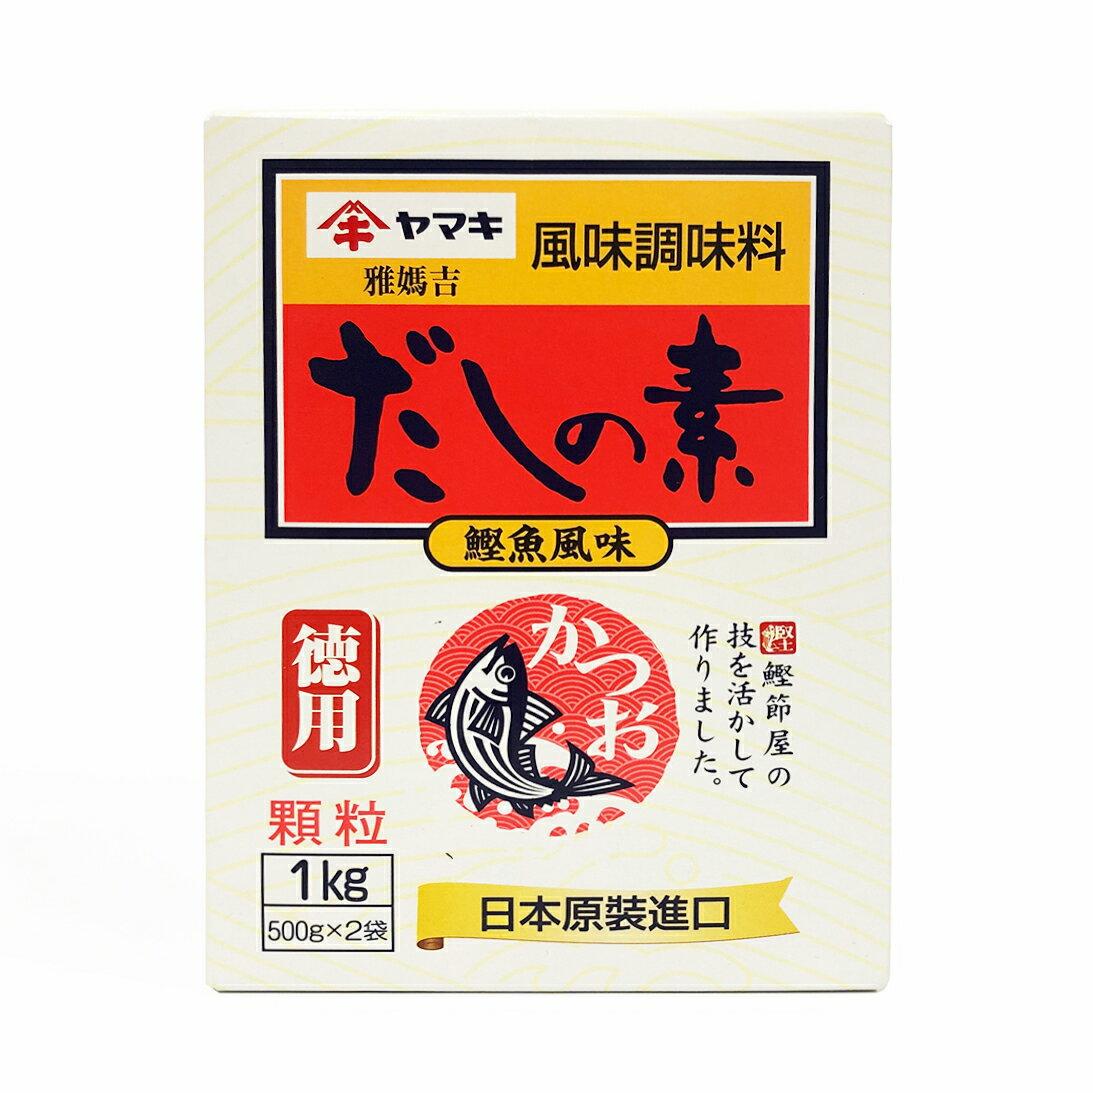 YAMAKI 風味調味粉鰹魚風味 1kg